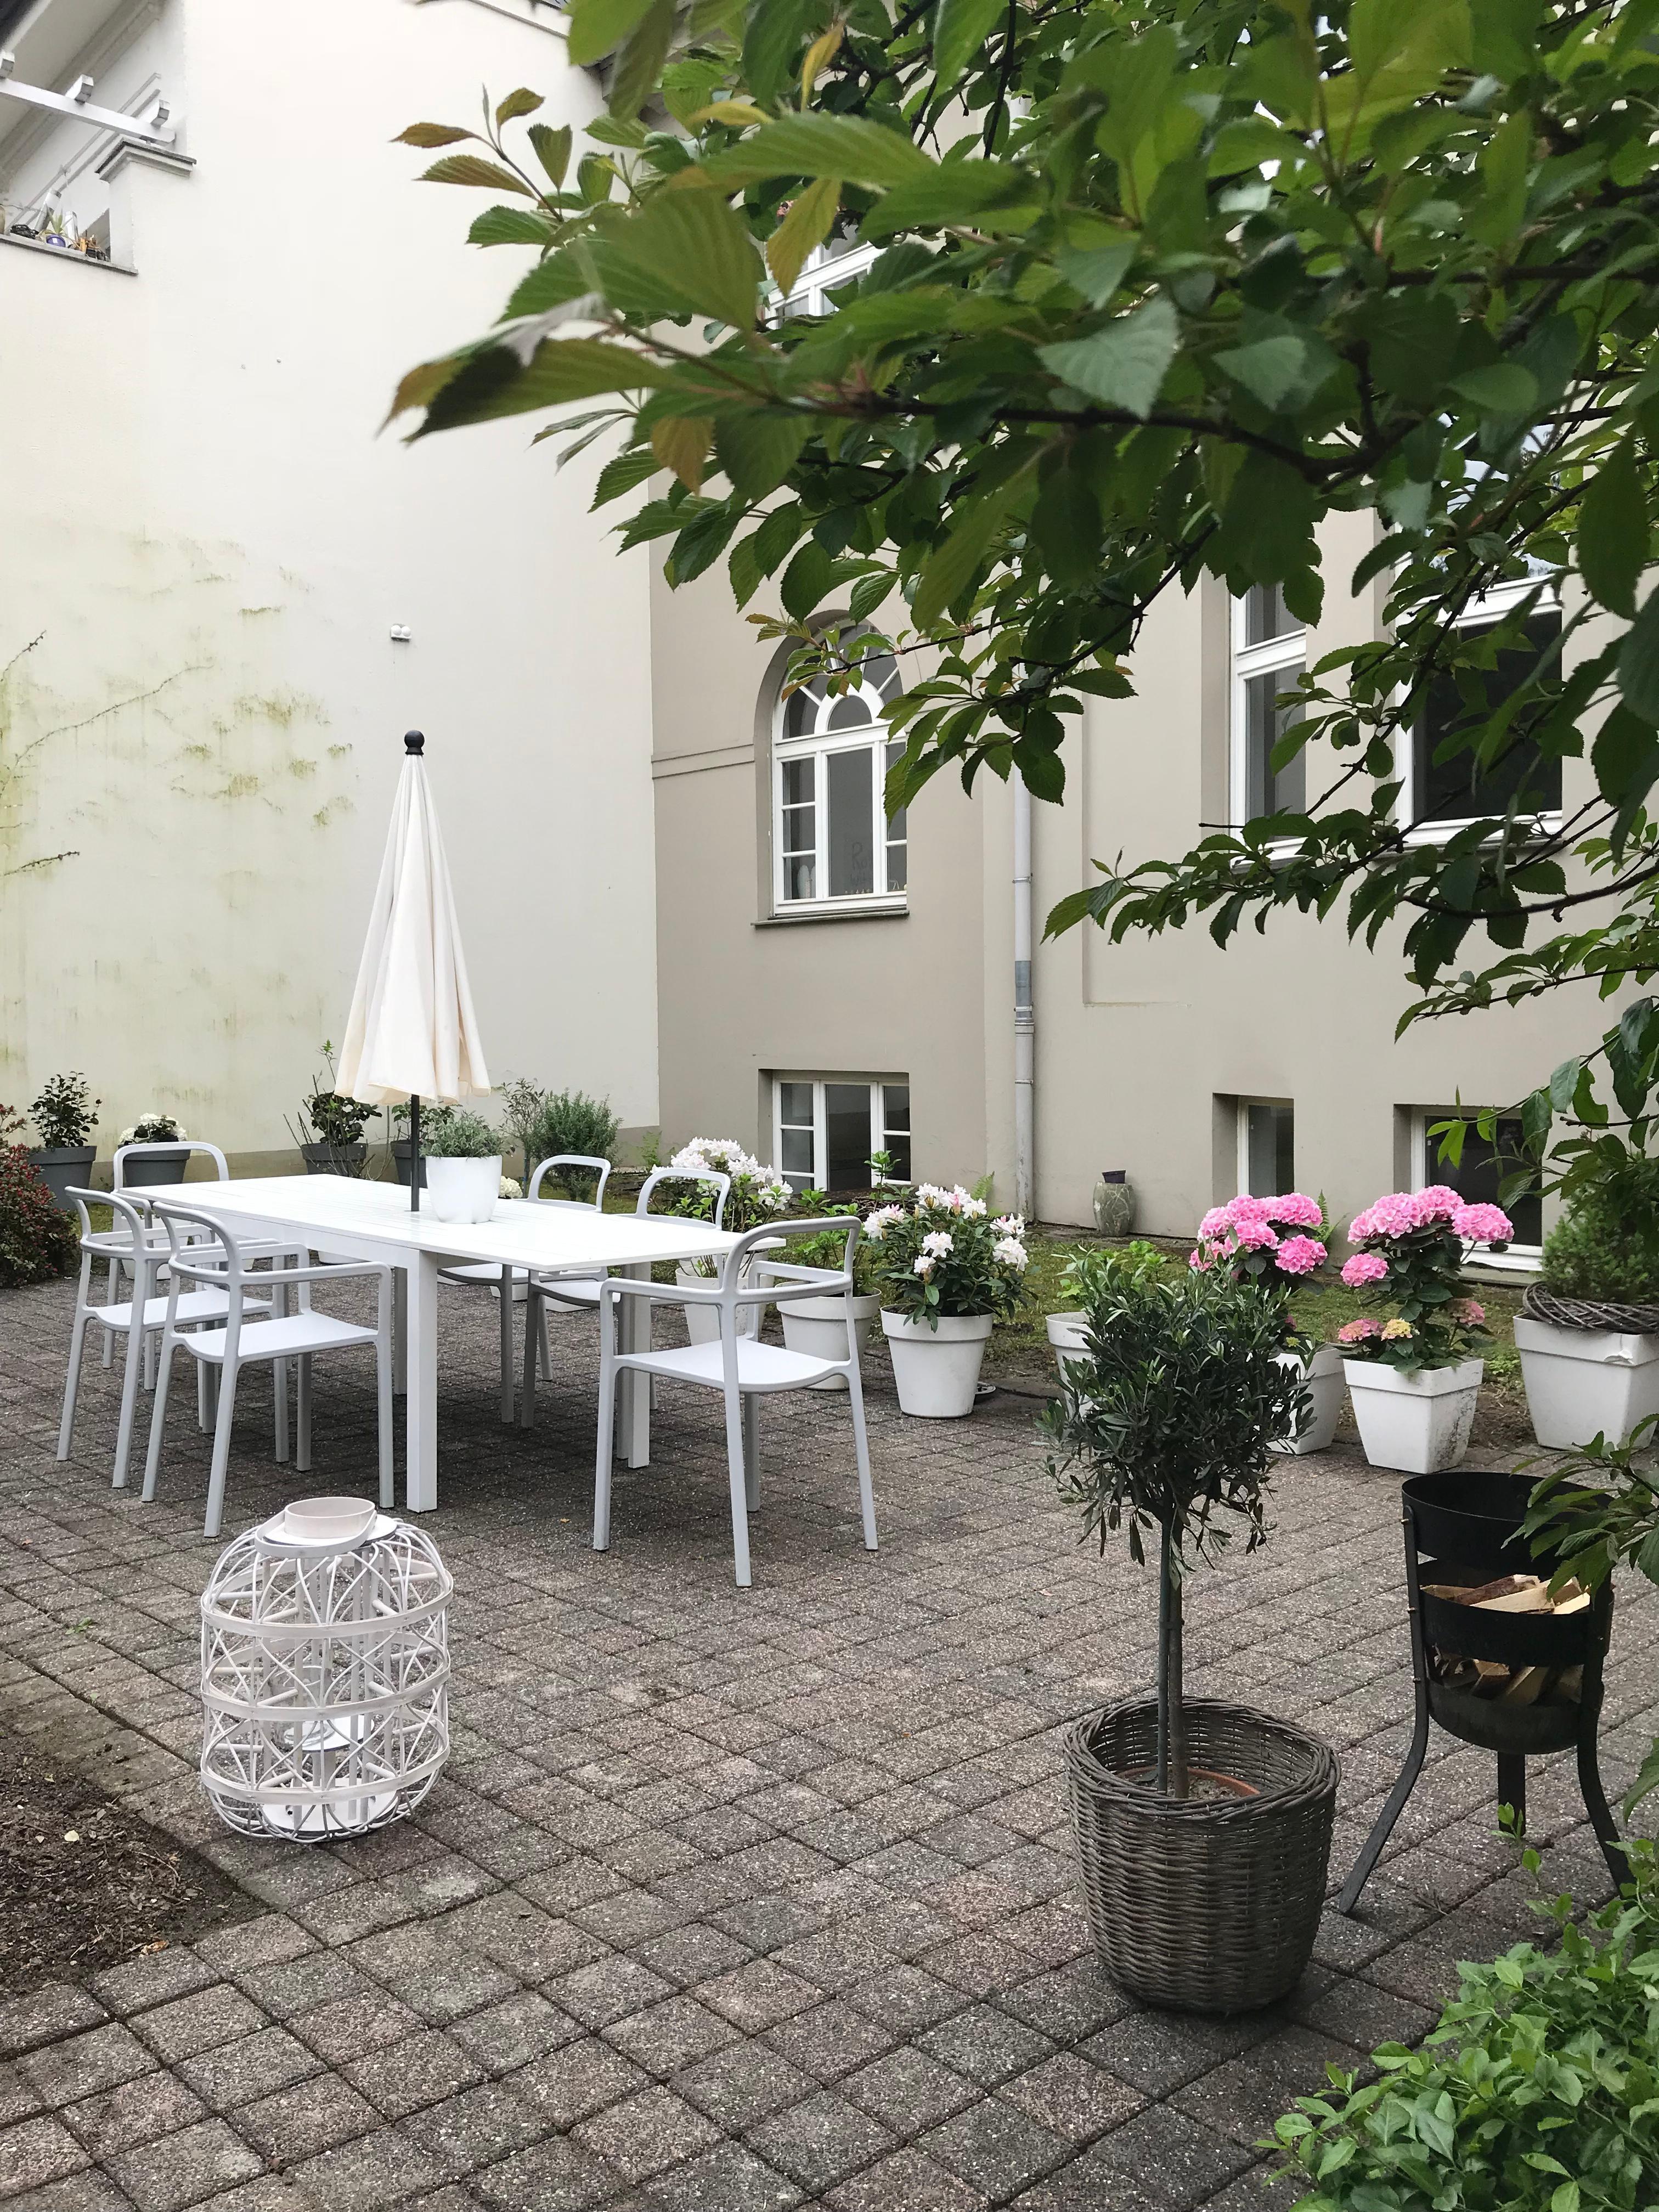 Gartenzeit #garten#ikea#hay#menu#feuerkorb#blumen#gartenmöbel#